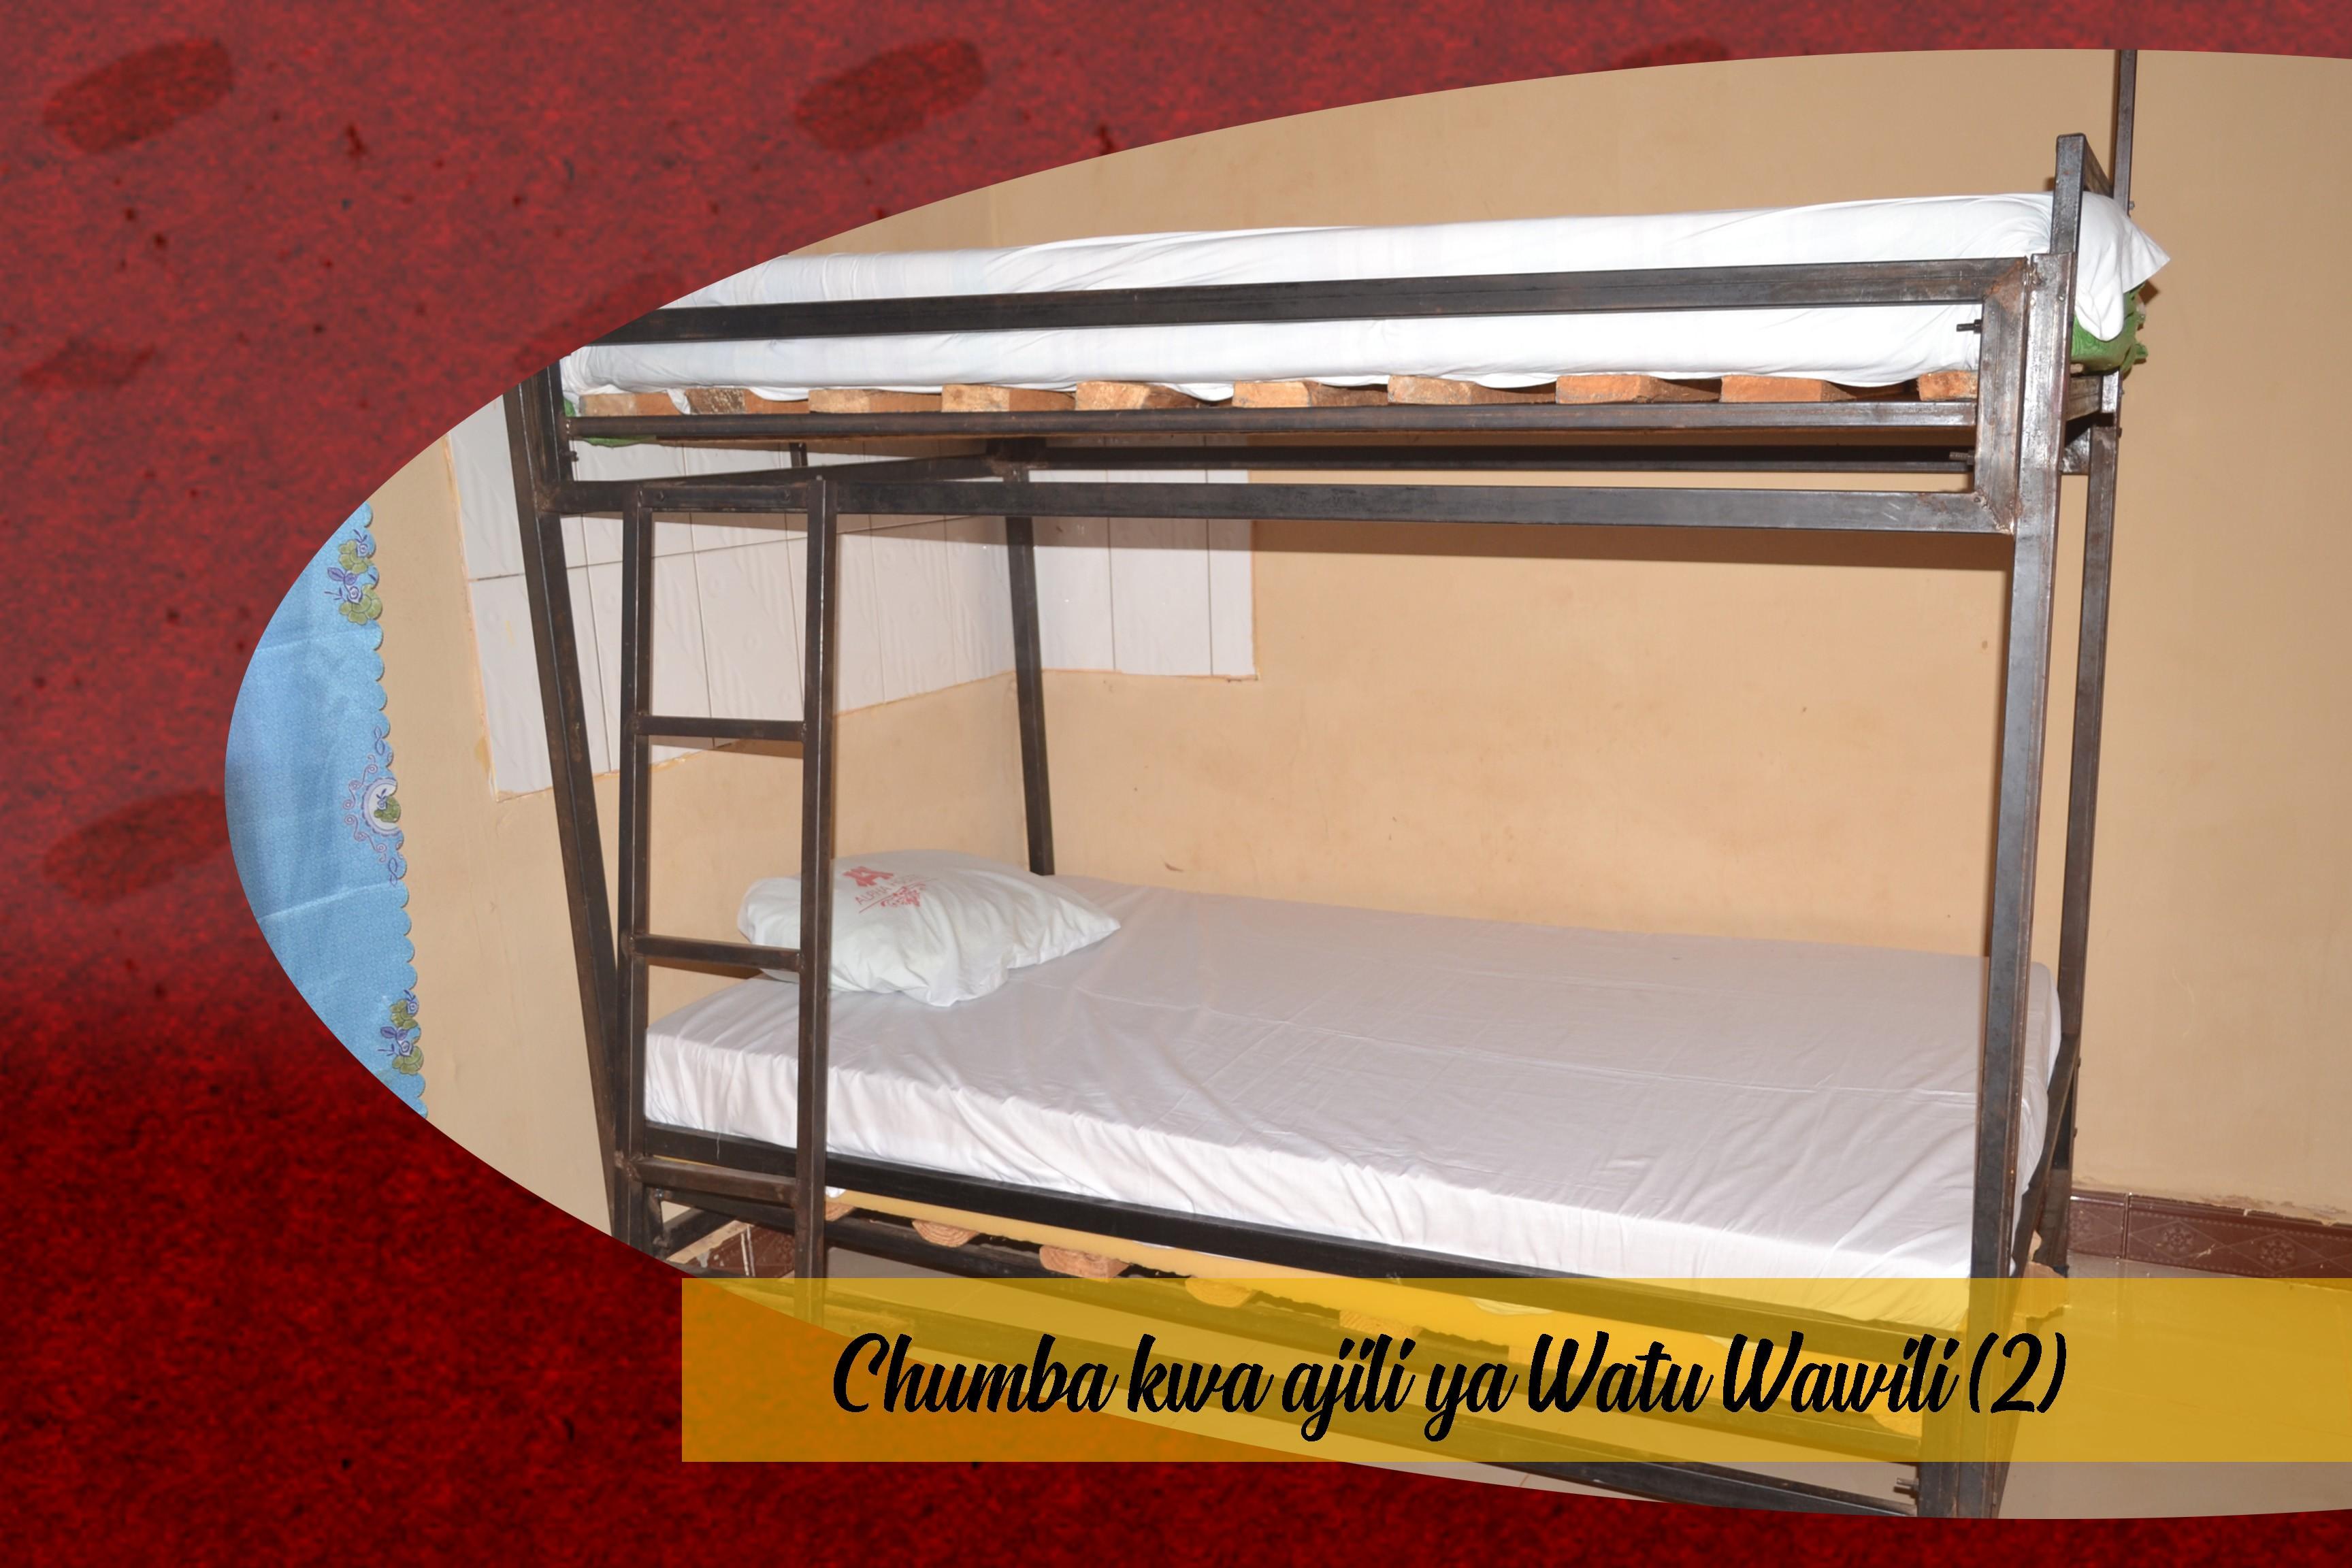 Chumba cha Watu wawili (2)